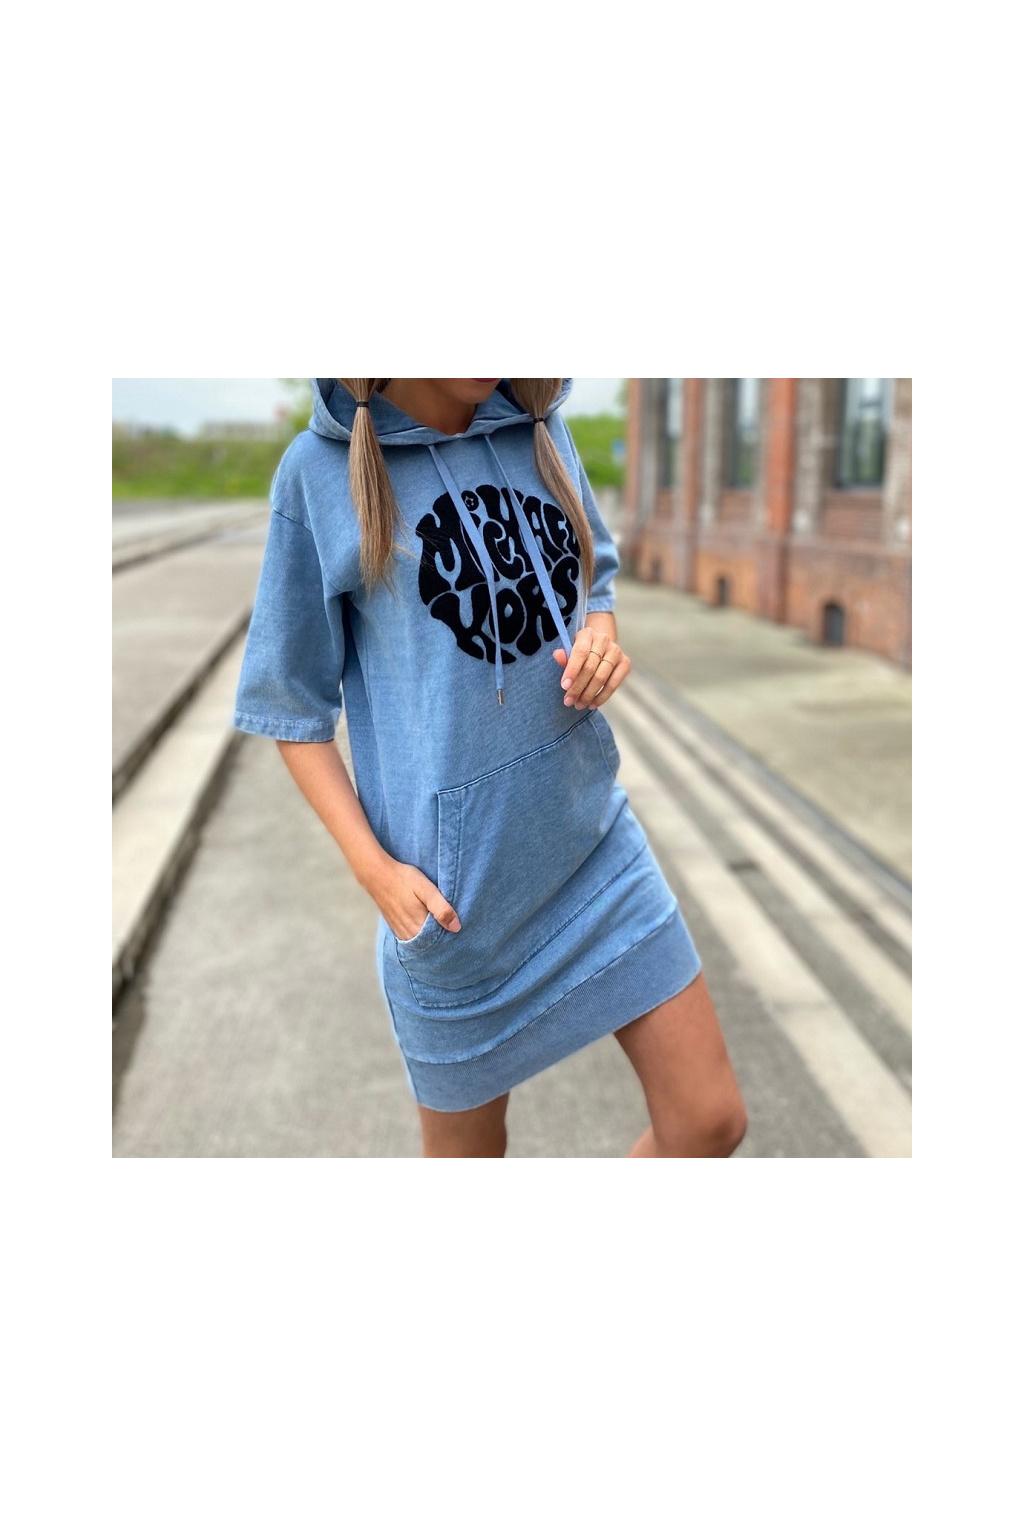 Dámské šaty Michael Kors MU180MPD8L modré